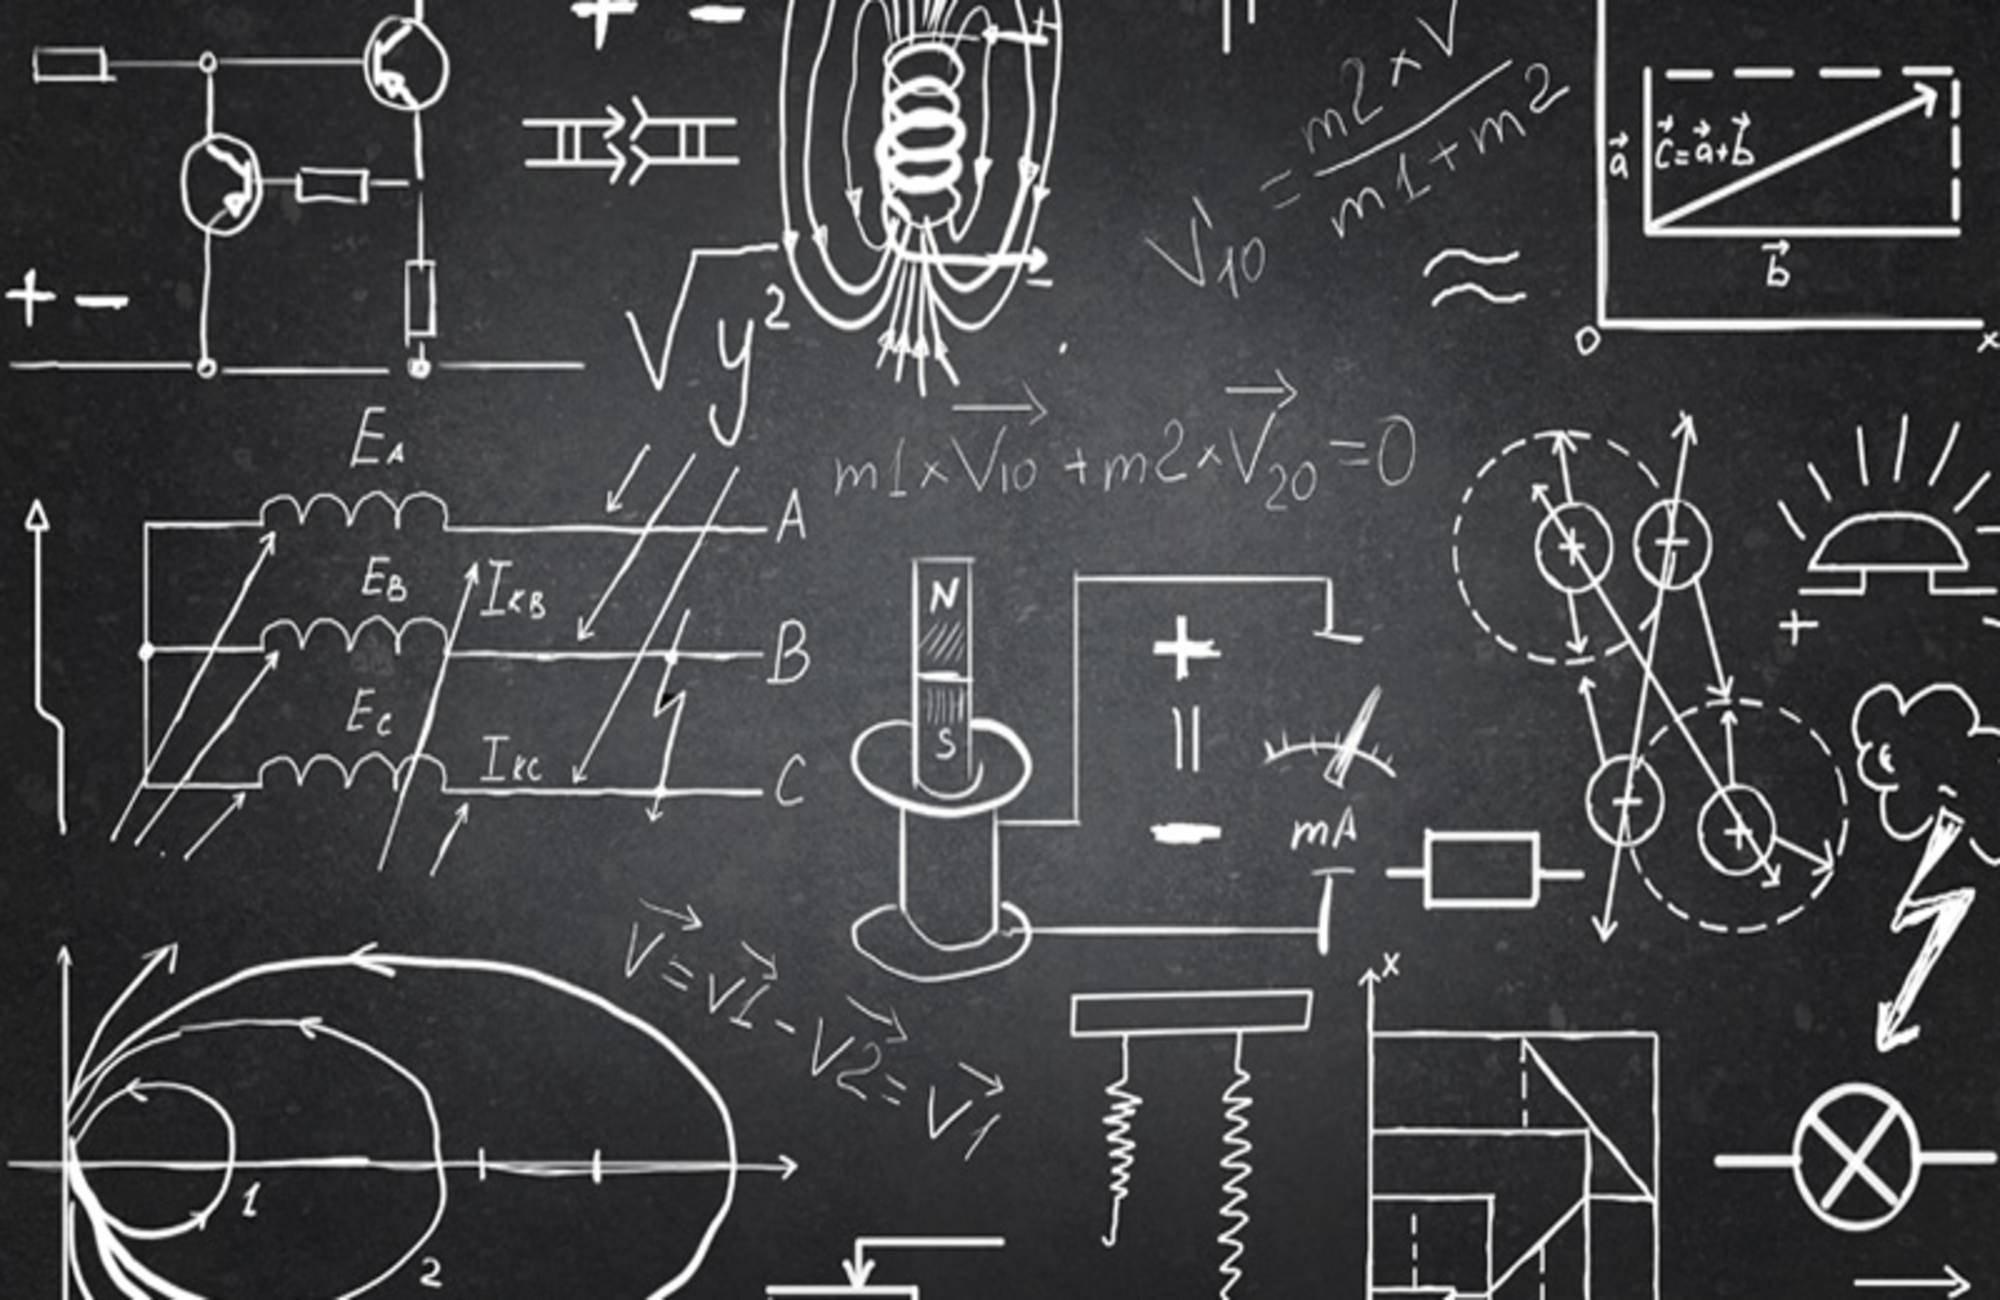 عوامل موثر بر مقاومت الکتریکی در فیزیک پایه یازدهم + ویدیو